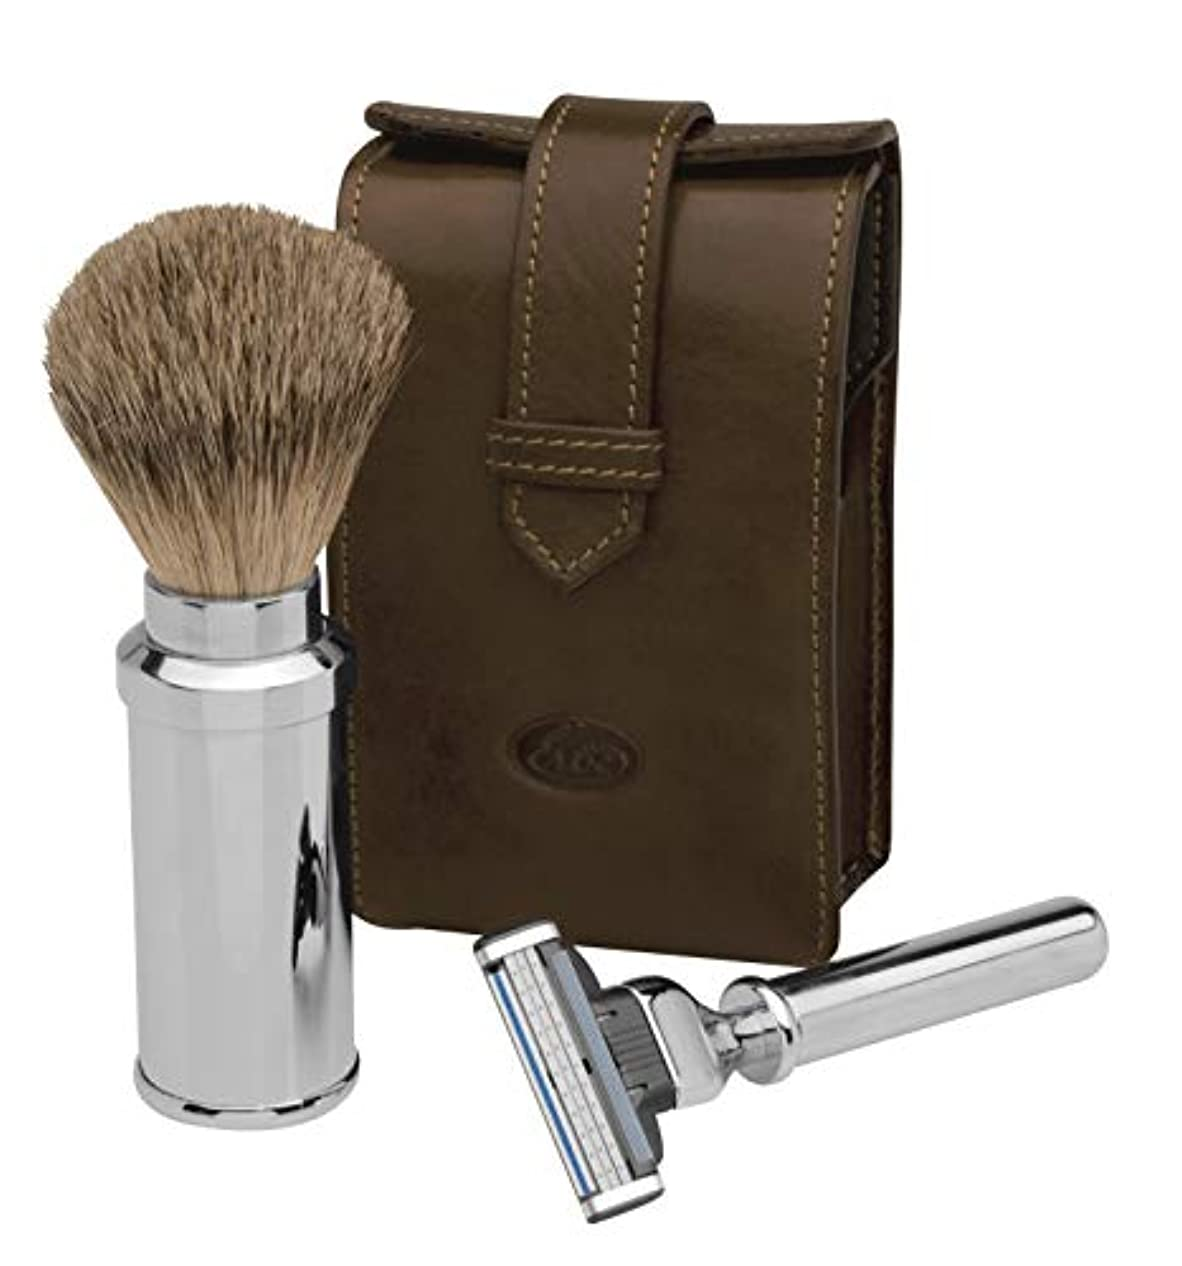 愛情拍車靴下Erbe Travel Shaving Set, Razor and Shaving Brush in brown Leather Pocket